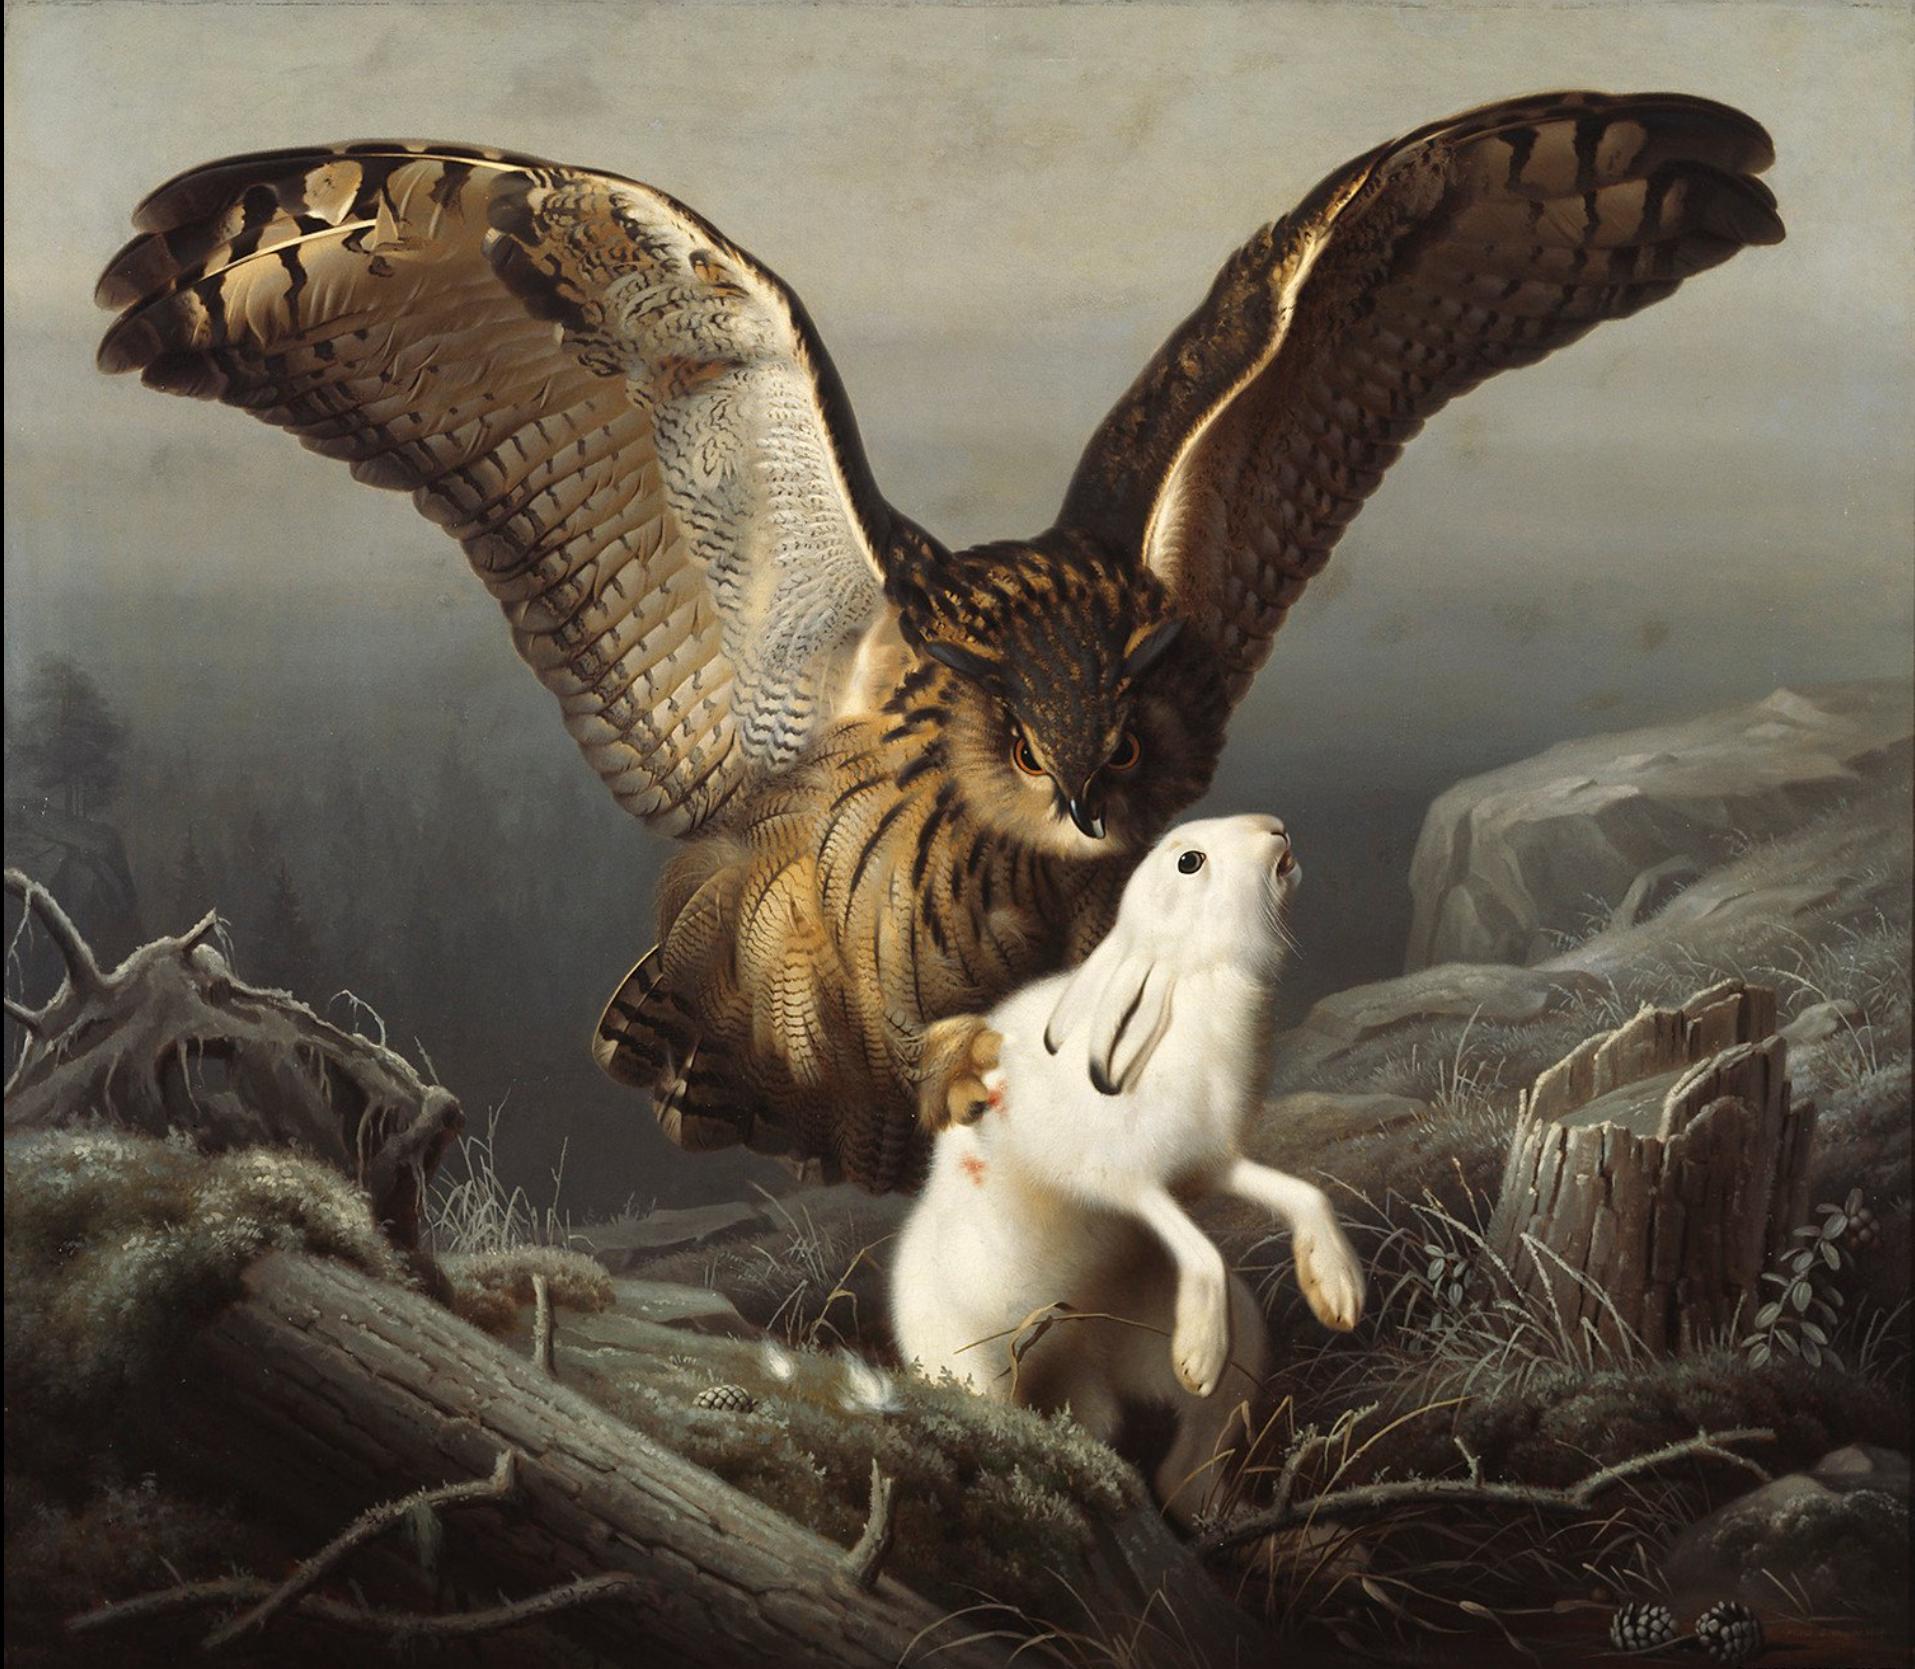 kansallisgalleria_maalaukset_linnut_Wright_Ferdinand_von_Huuhkaja_iskee_jänikseen_02